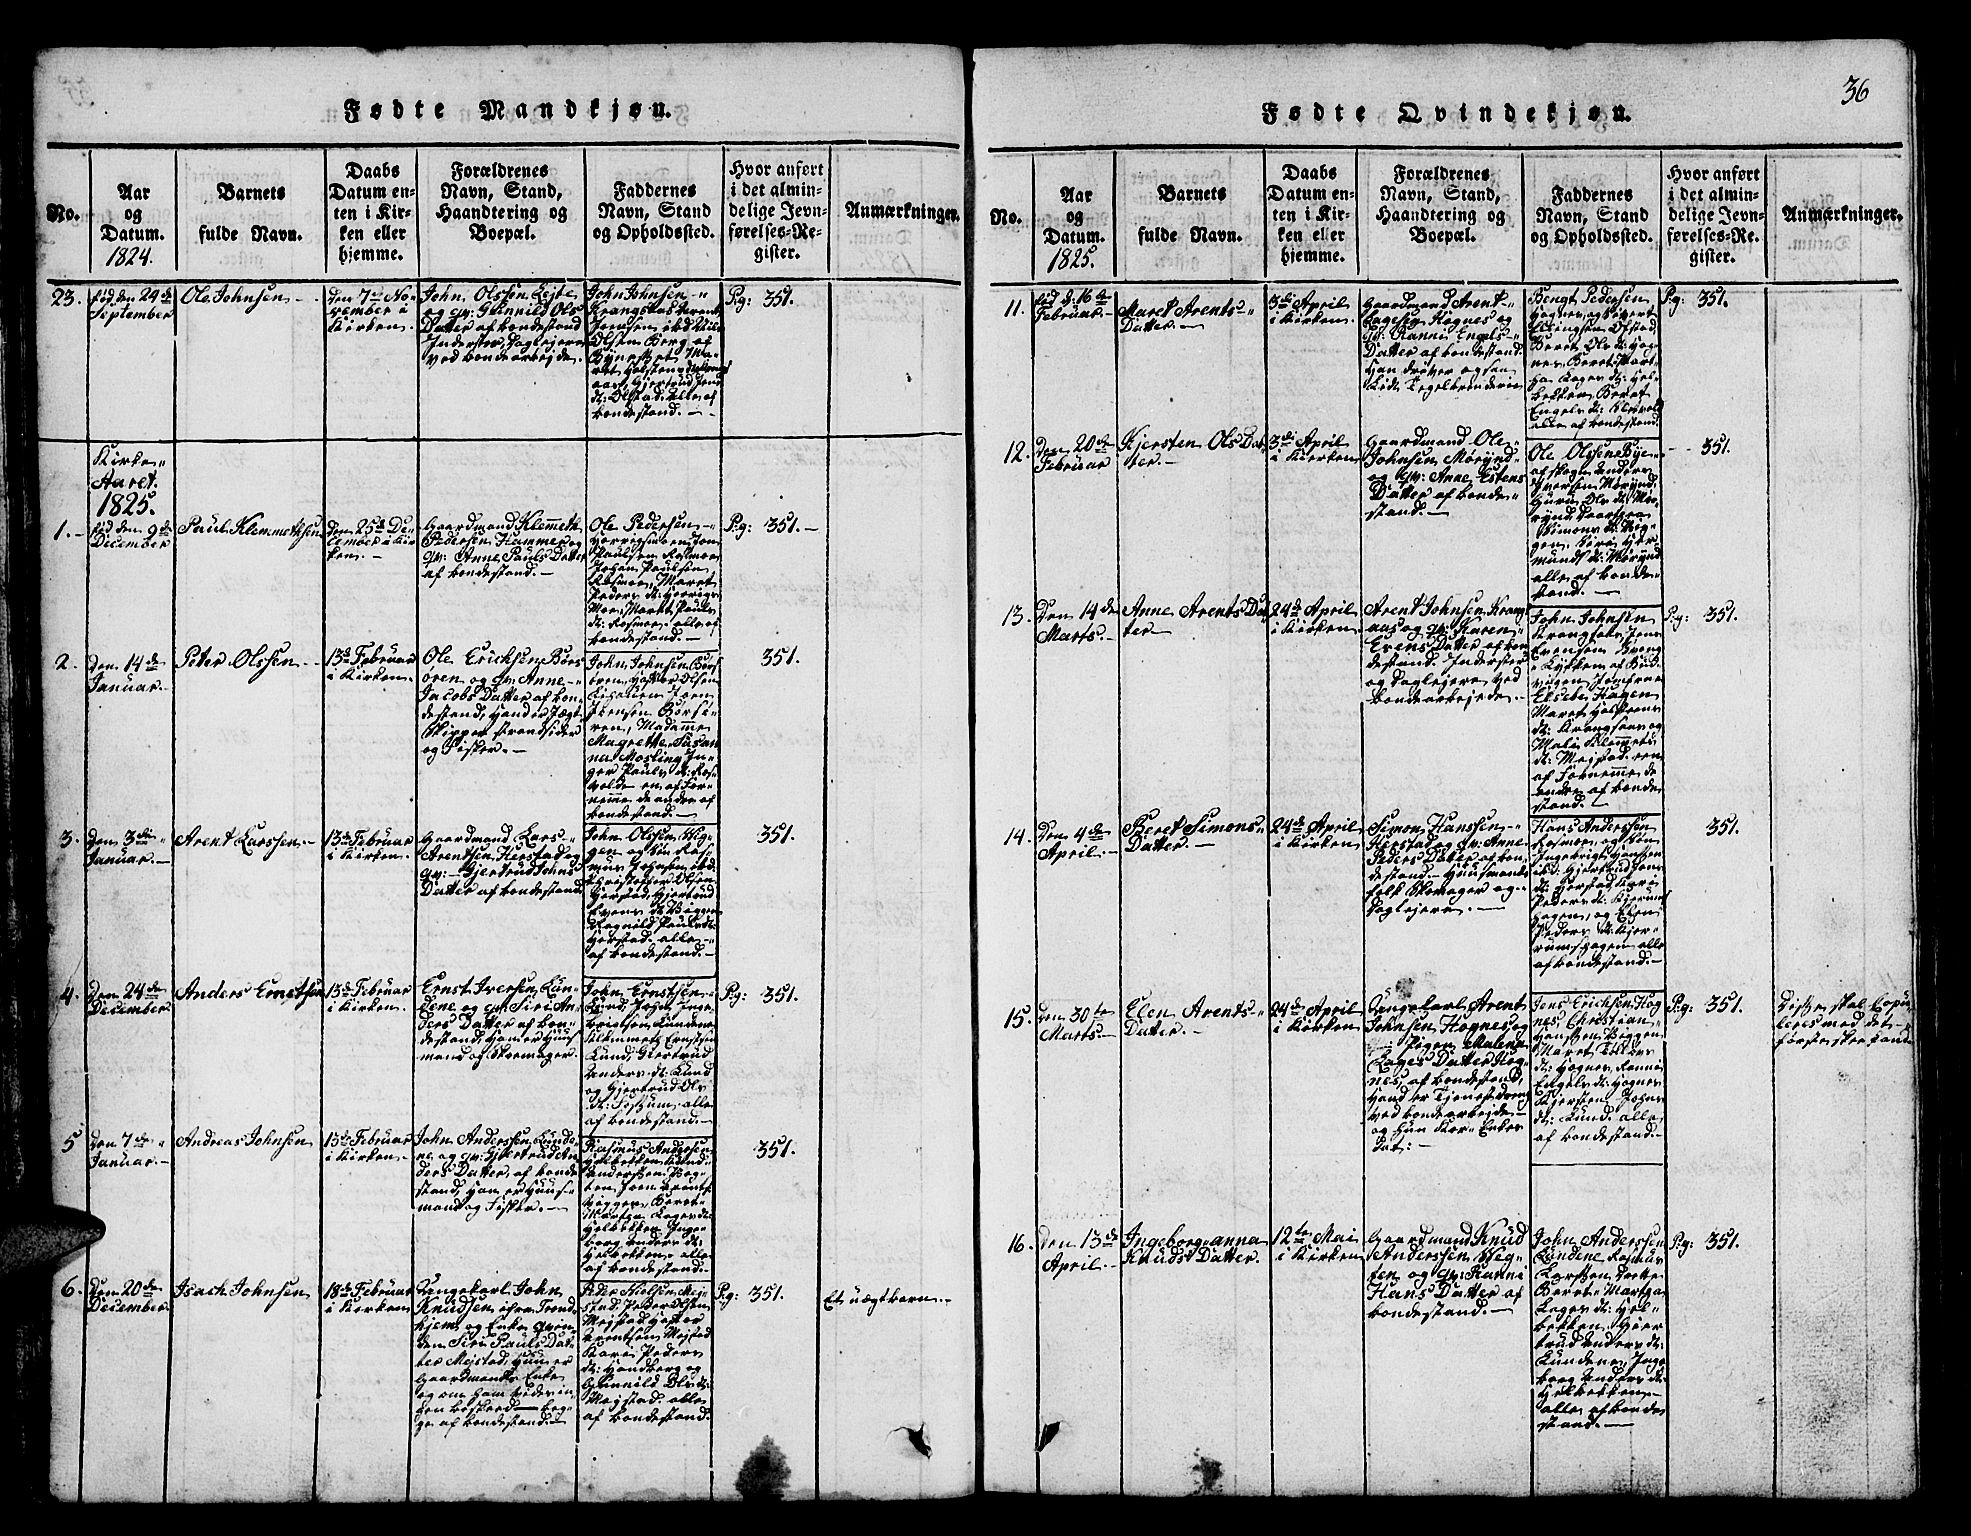 SAT, Ministerialprotokoller, klokkerbøker og fødselsregistre - Sør-Trøndelag, 665/L0776: Klokkerbok nr. 665C01, 1817-1837, s. 36